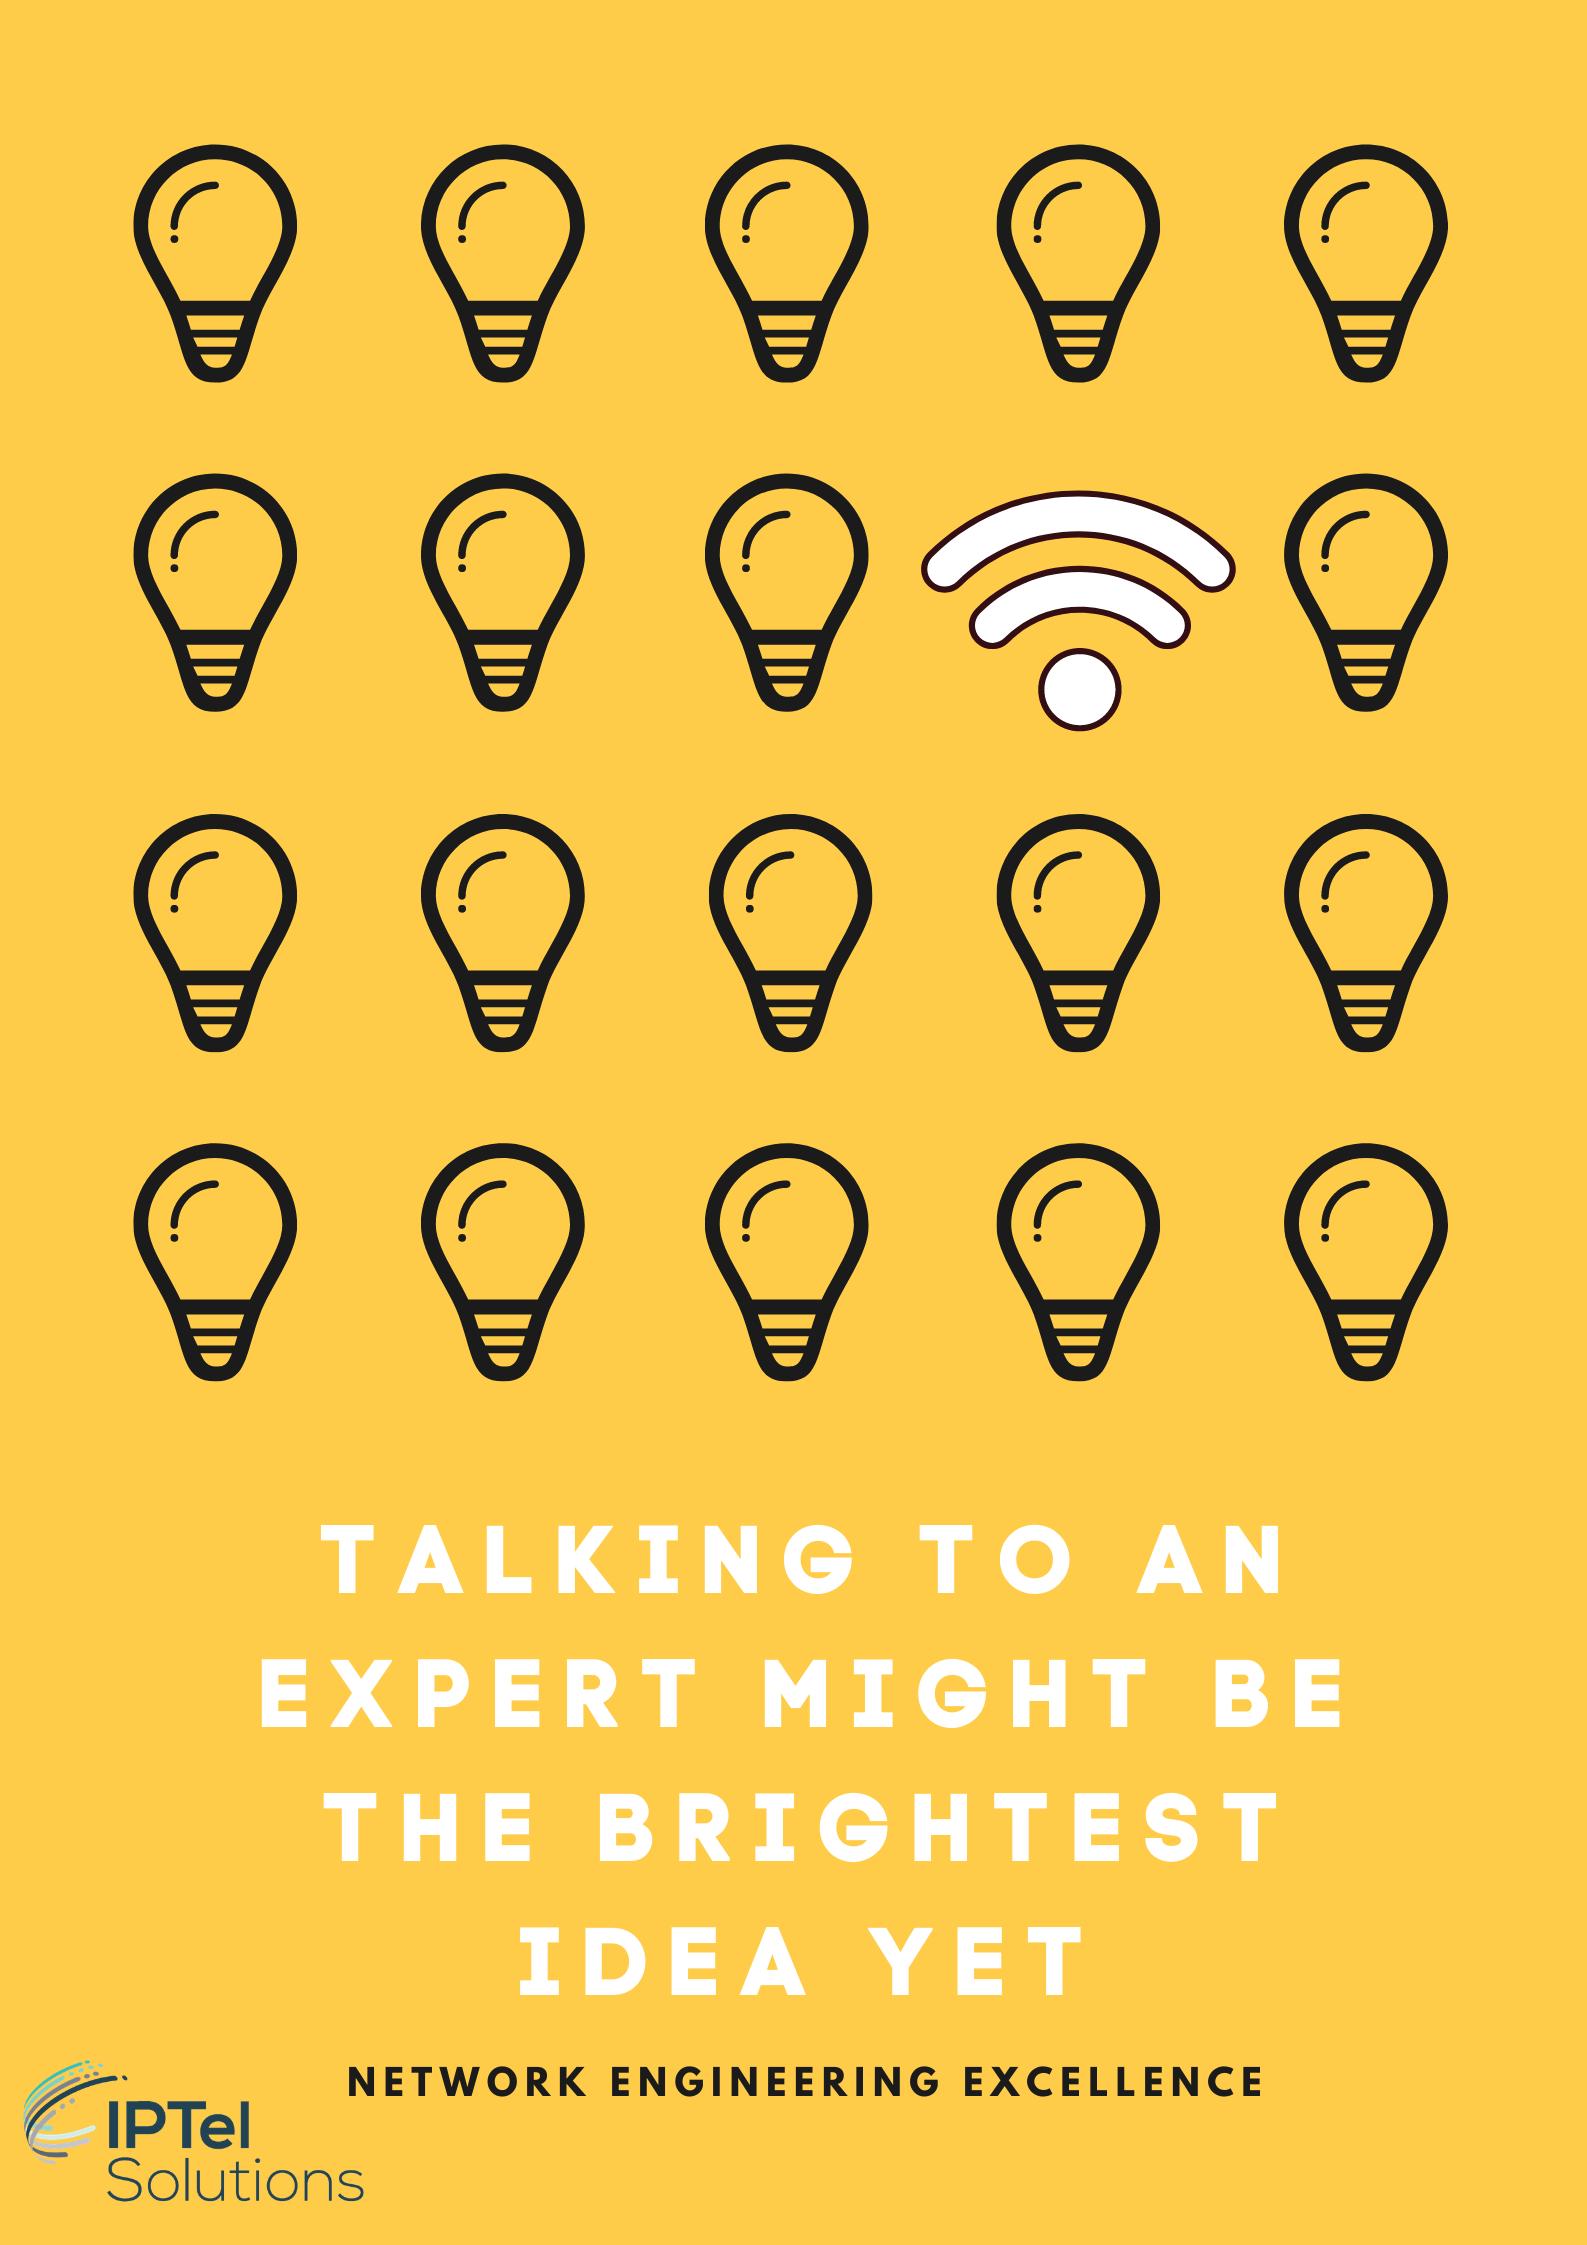 Bright Ideas Wi-Fi Ad